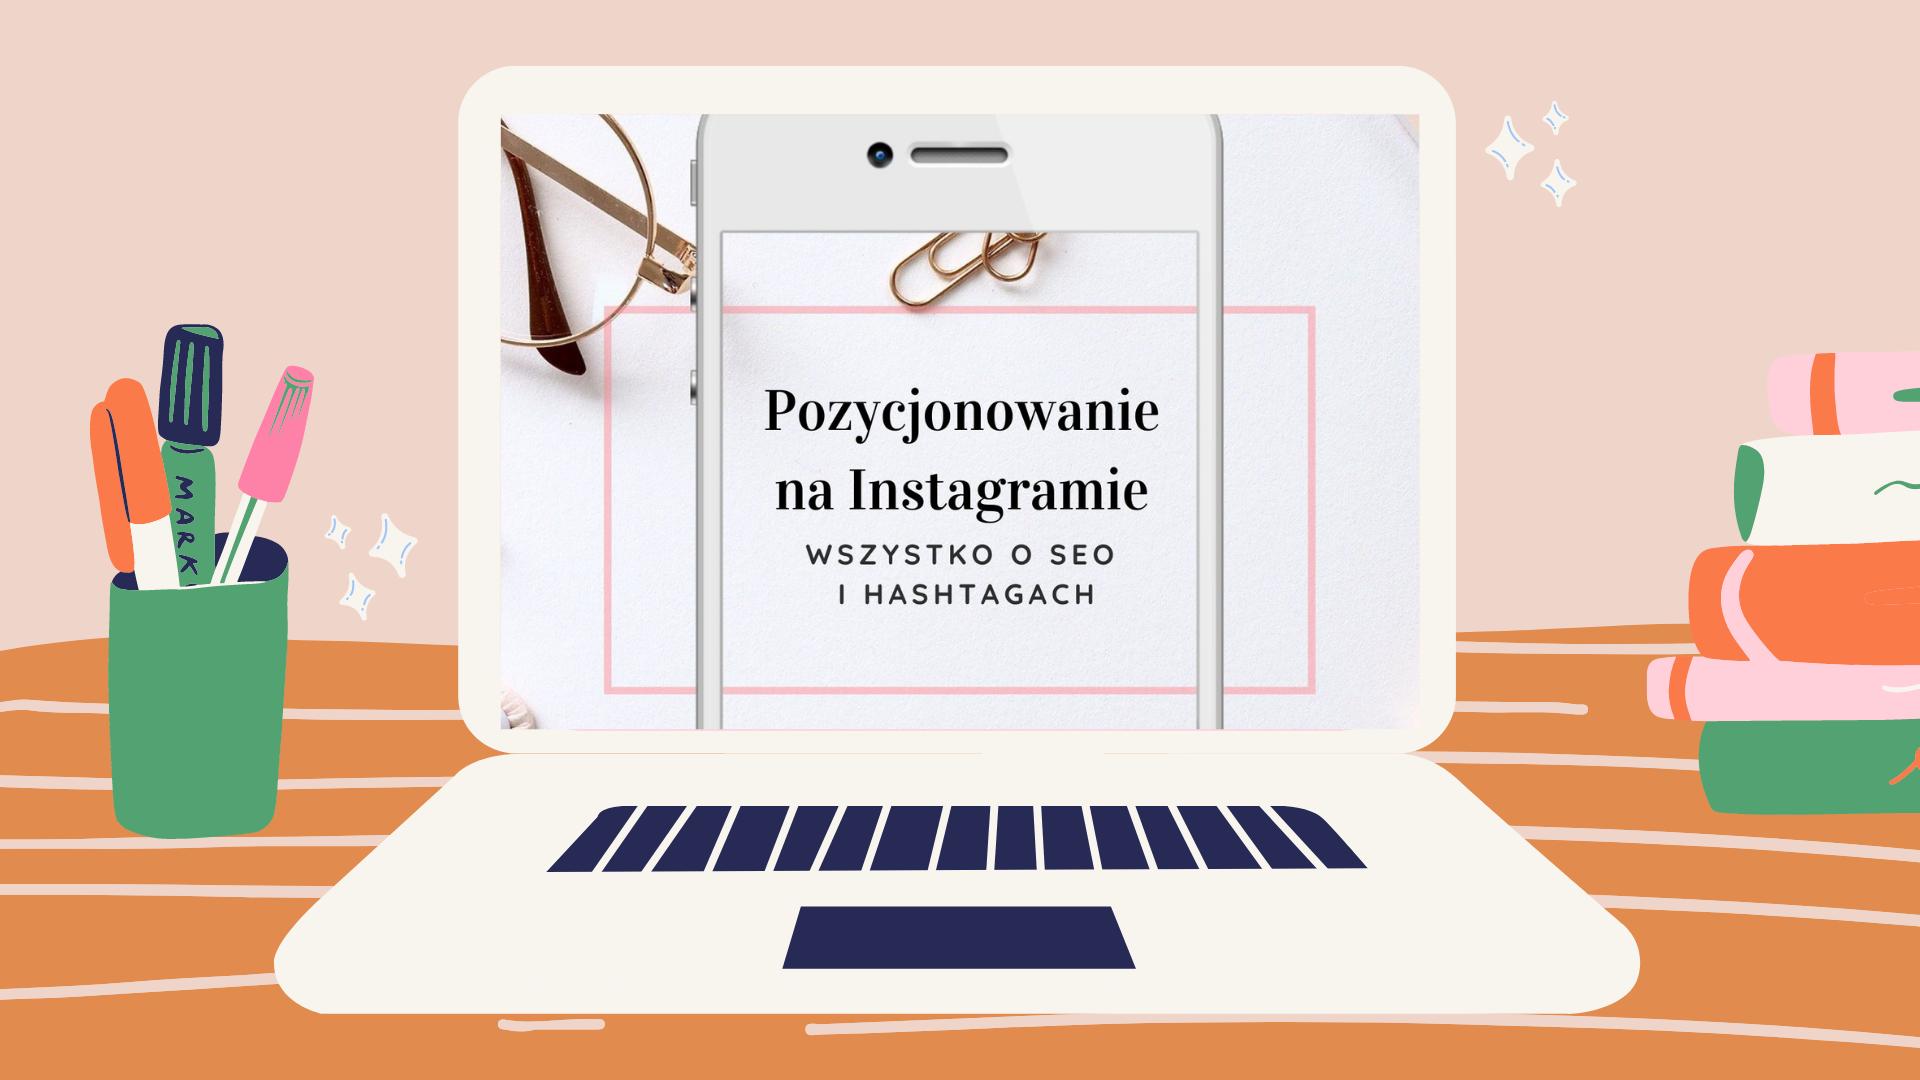 pozycjonowanie na Instagramie